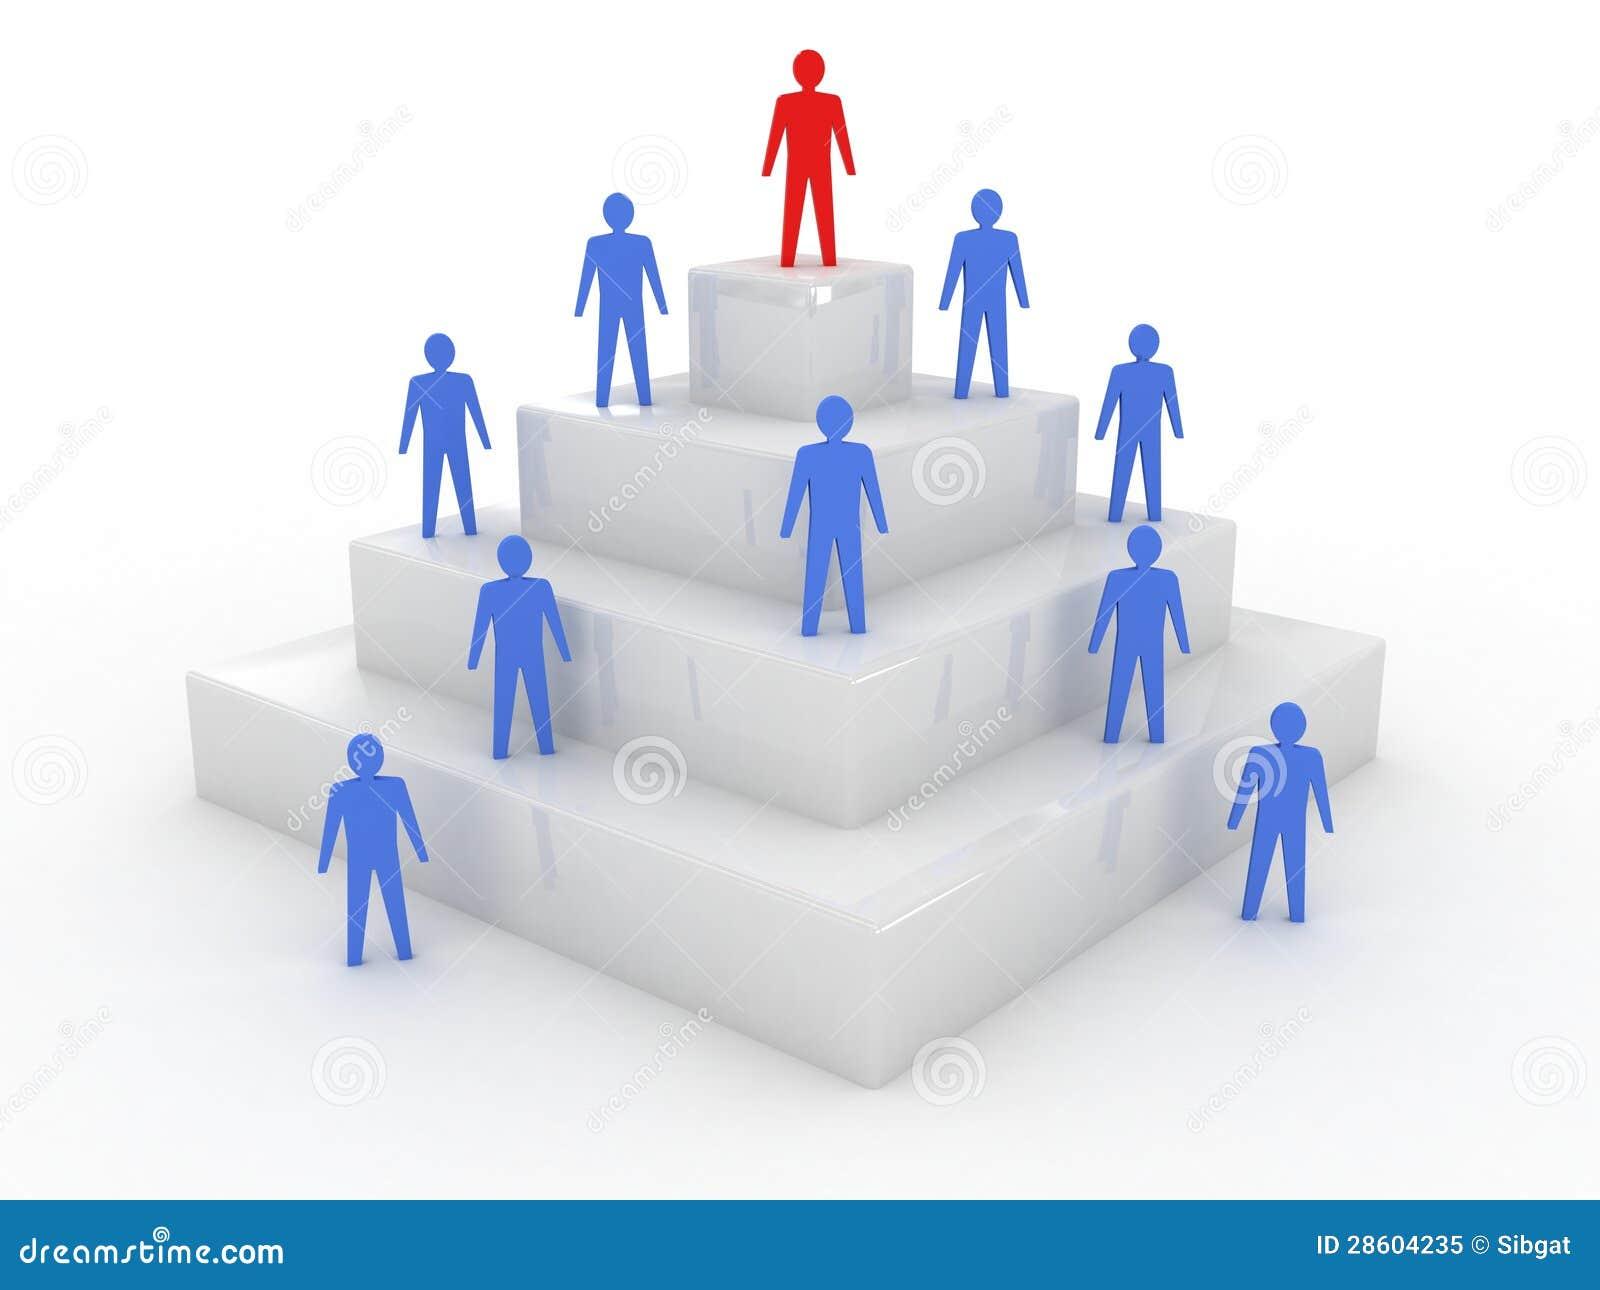 社会层次结构。